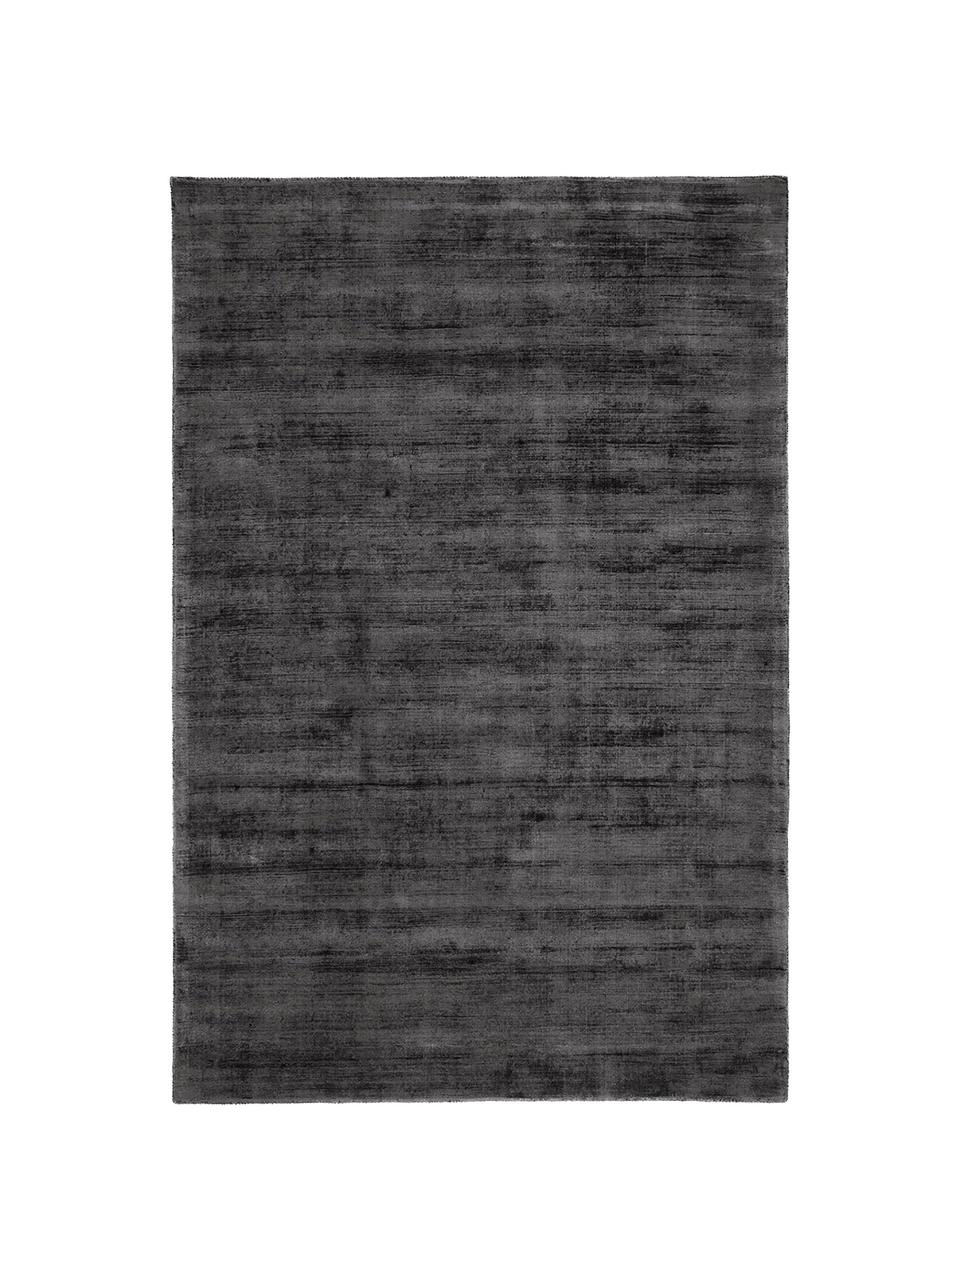 Ręcznie tkany dywan z wiskozy Jane, Antracytowy-czarny, S 160 x D 230 cm (Rozmiar M)